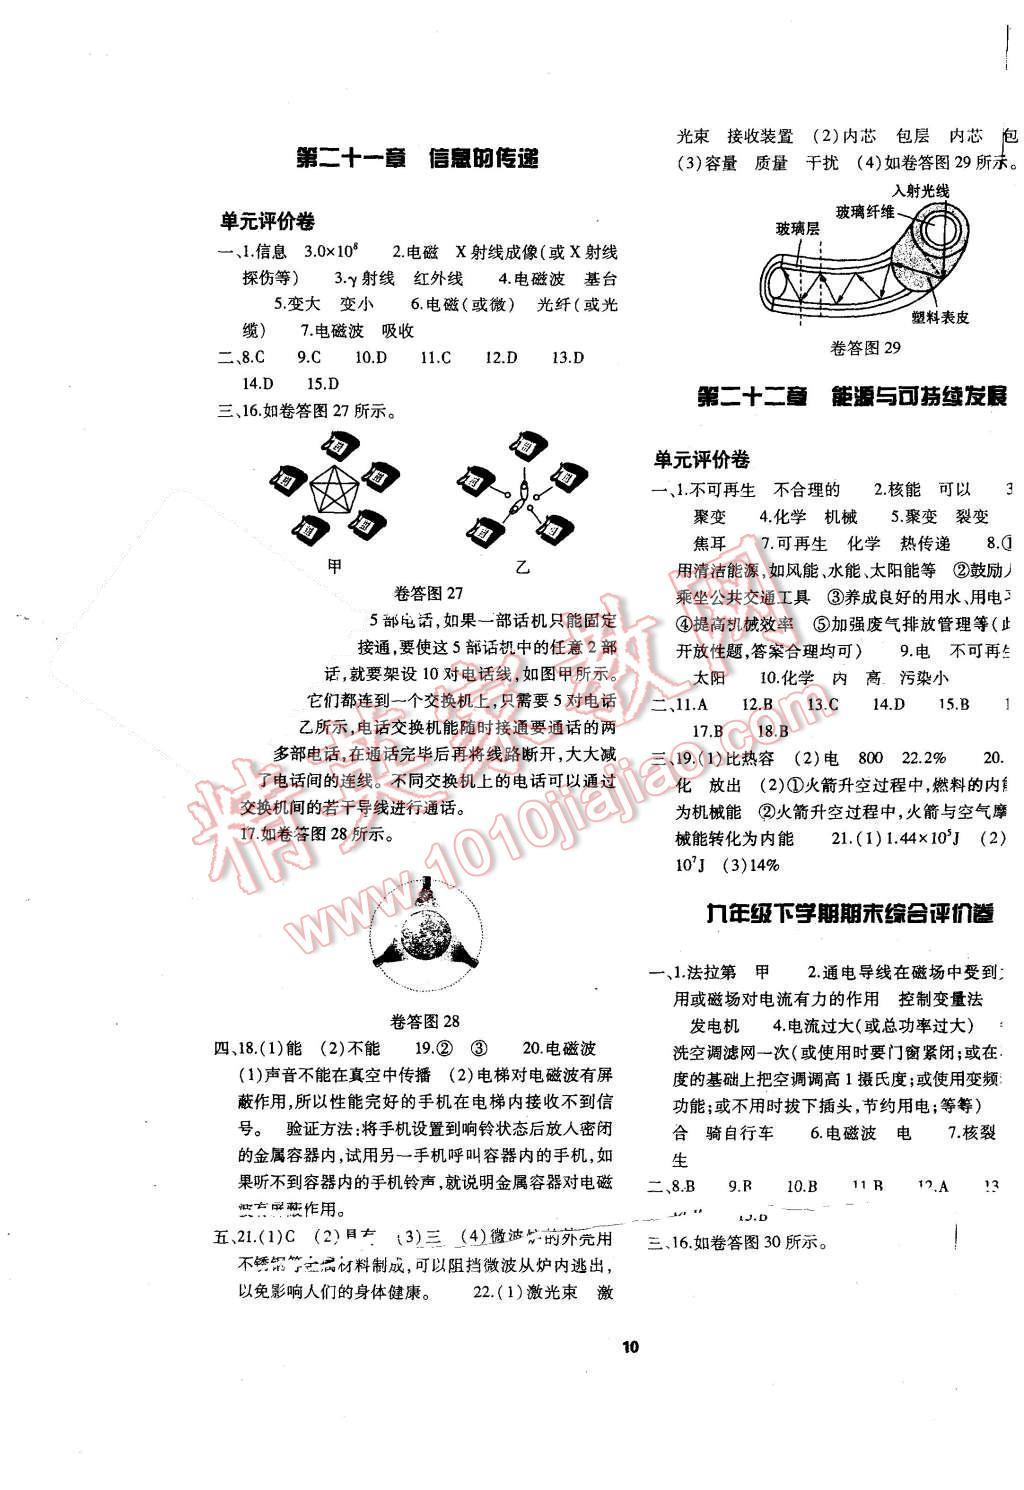 2015年基础训练九年级物理全一册人教版河南省内使用单元评价卷参考答案第10页